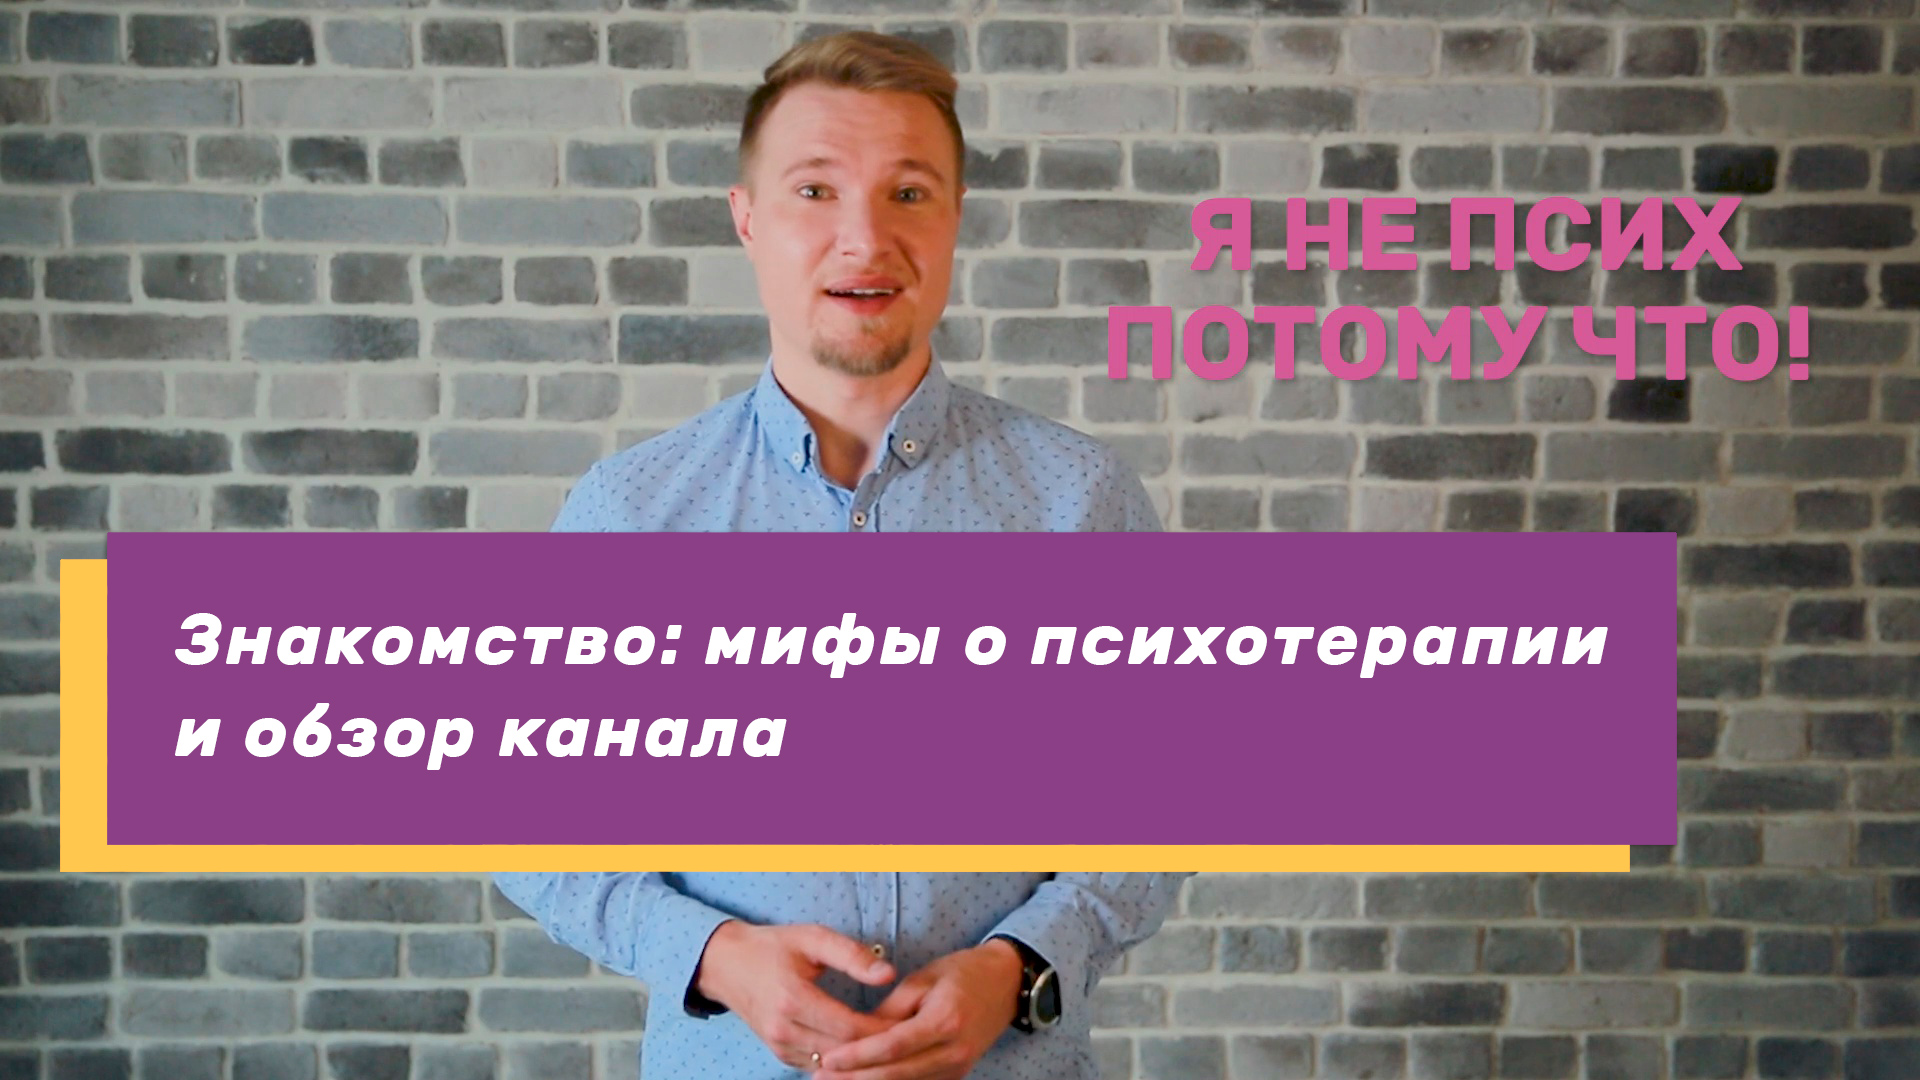 Сергей Мельников видео